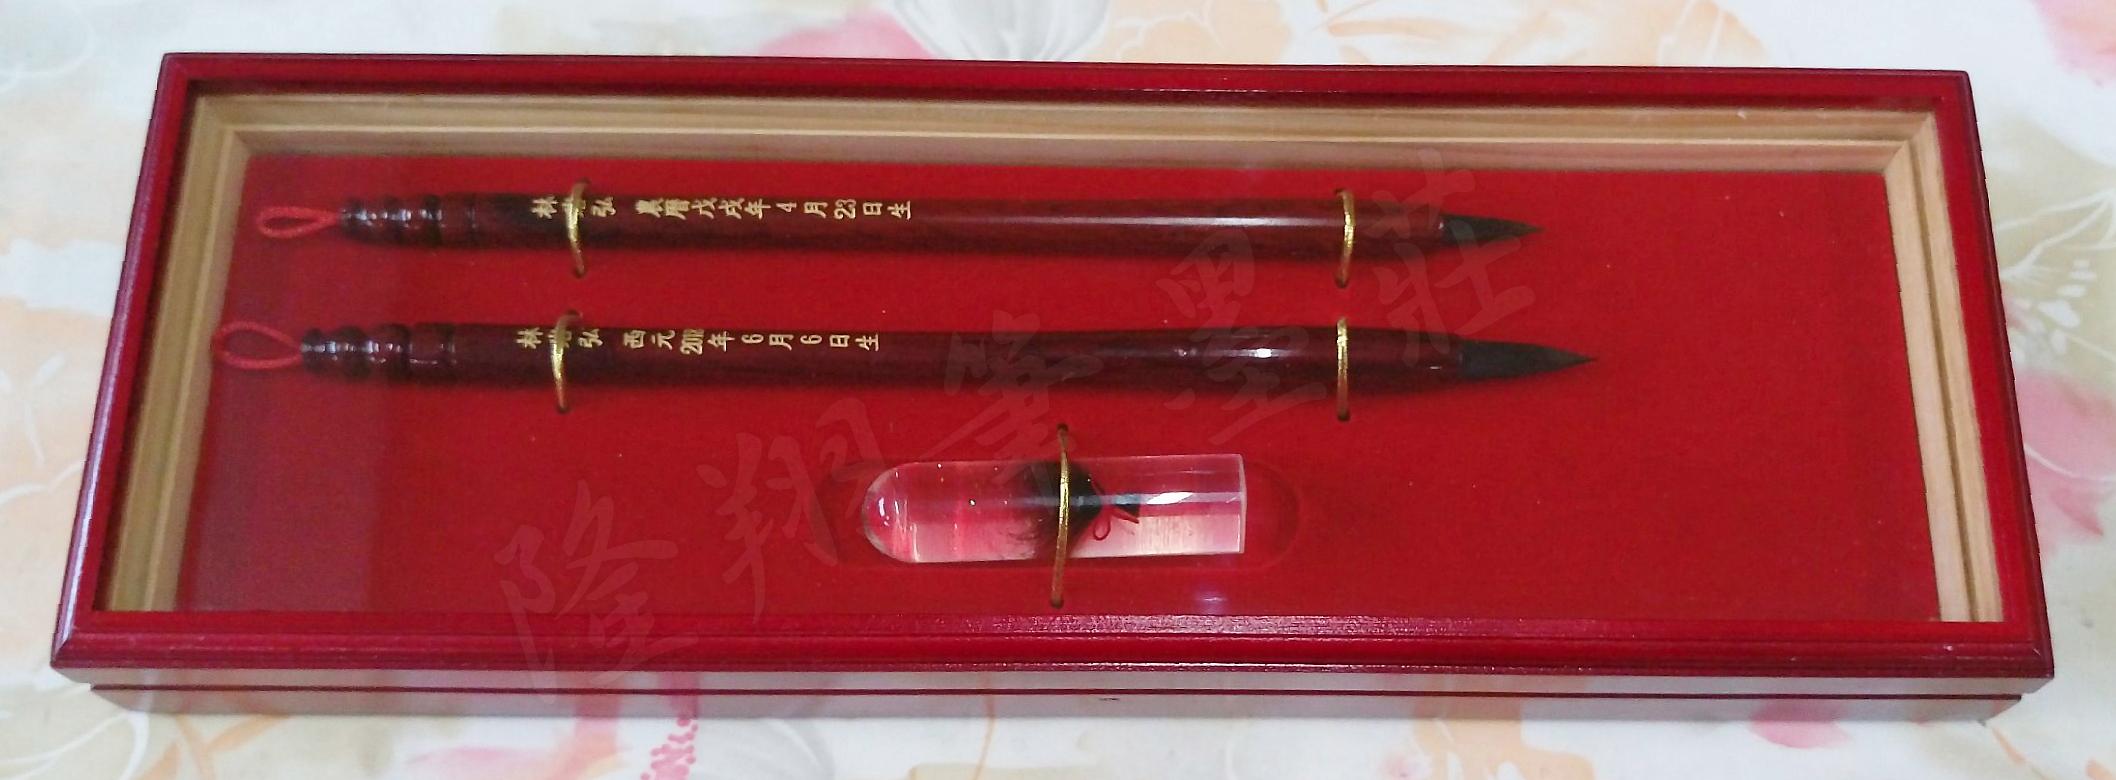 (長透盒)胎毛筆黑檀或紫檀兩支加五分圓波麗髮或臍印一個 優惠價2800元。.jpg